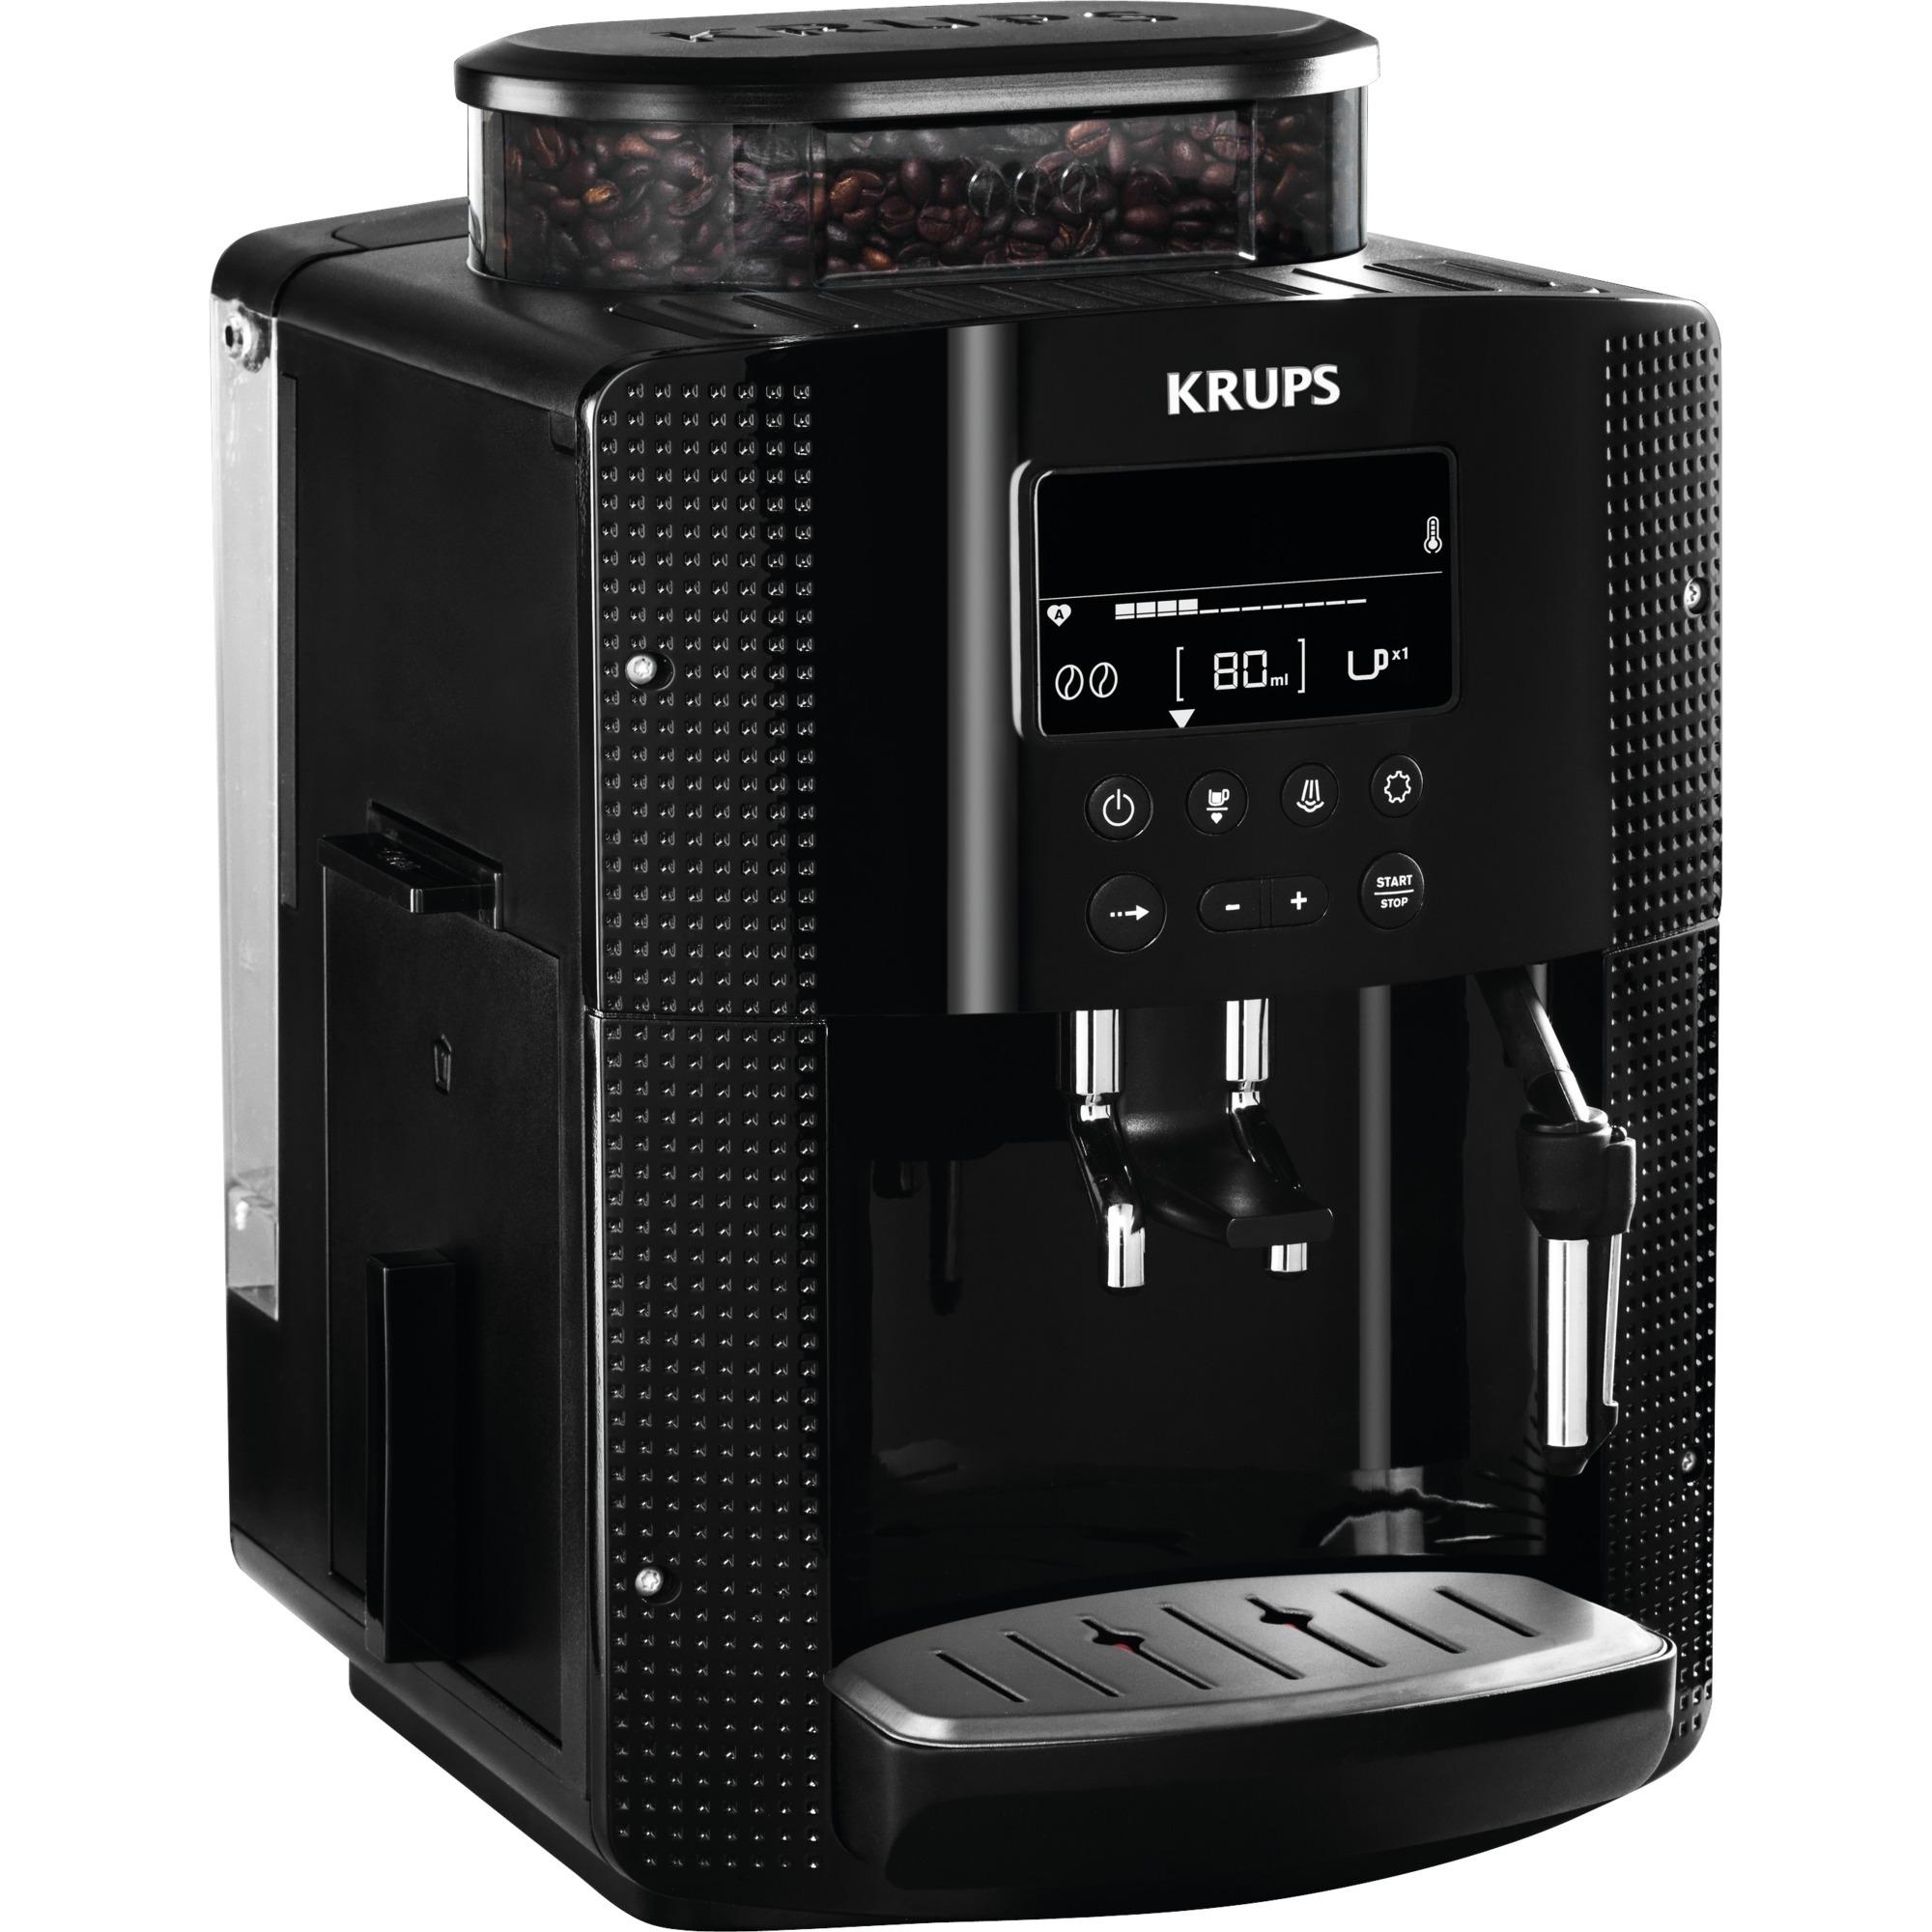 EA8150 Autonome Entièrement automatique Machine à expresso 1.7L 2tasses Noir machine à café, Machine à café/Espresso